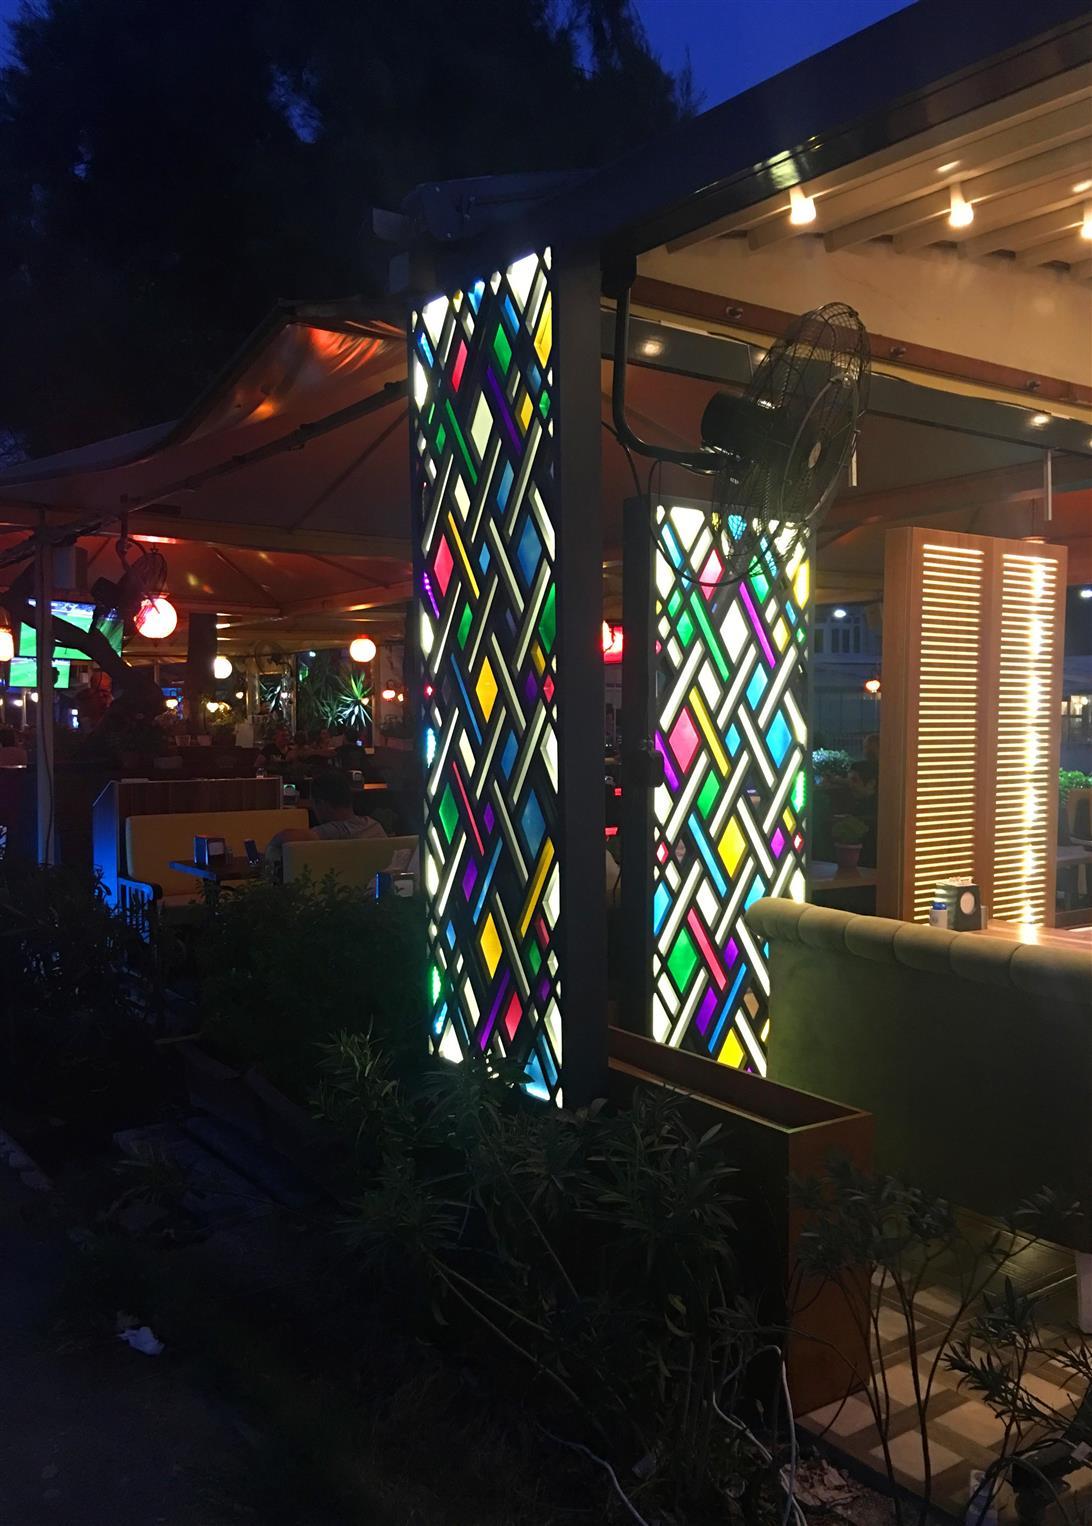 kahve-denizi-cafe-restaurant20171221184531150.jpg izmir vitray çalışması